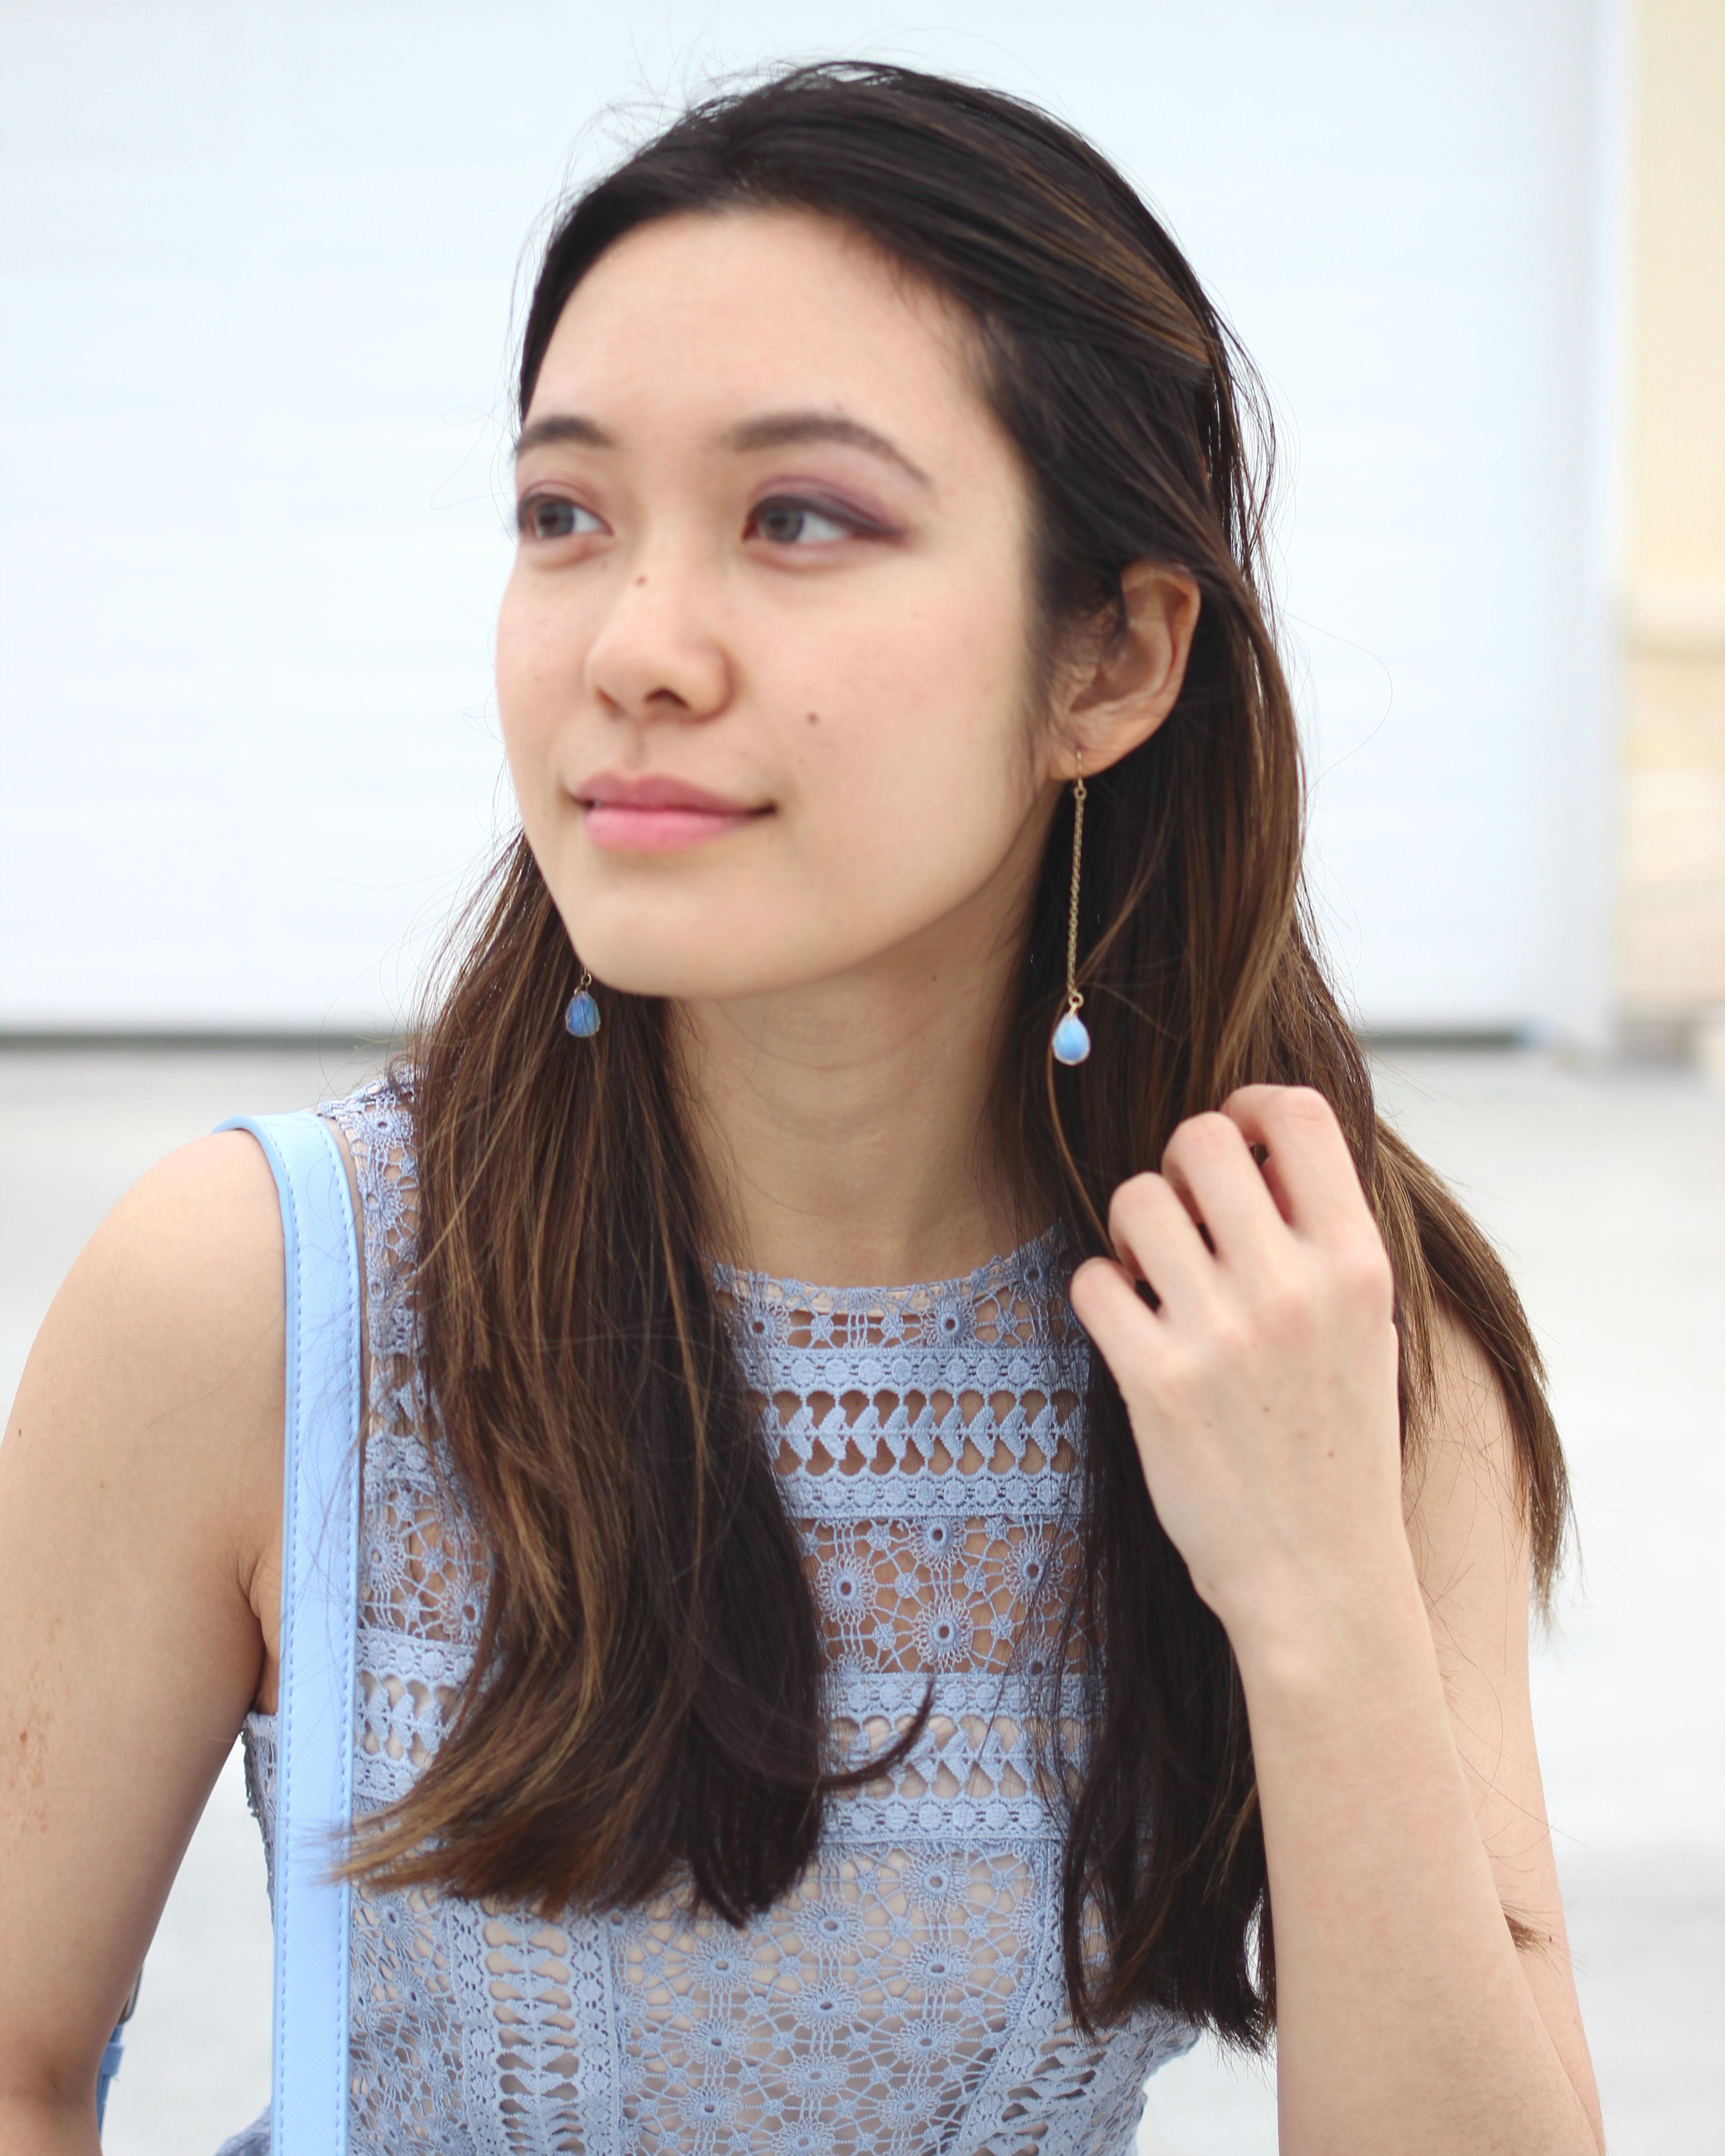 Teardrop earrings and blue lace panel dress